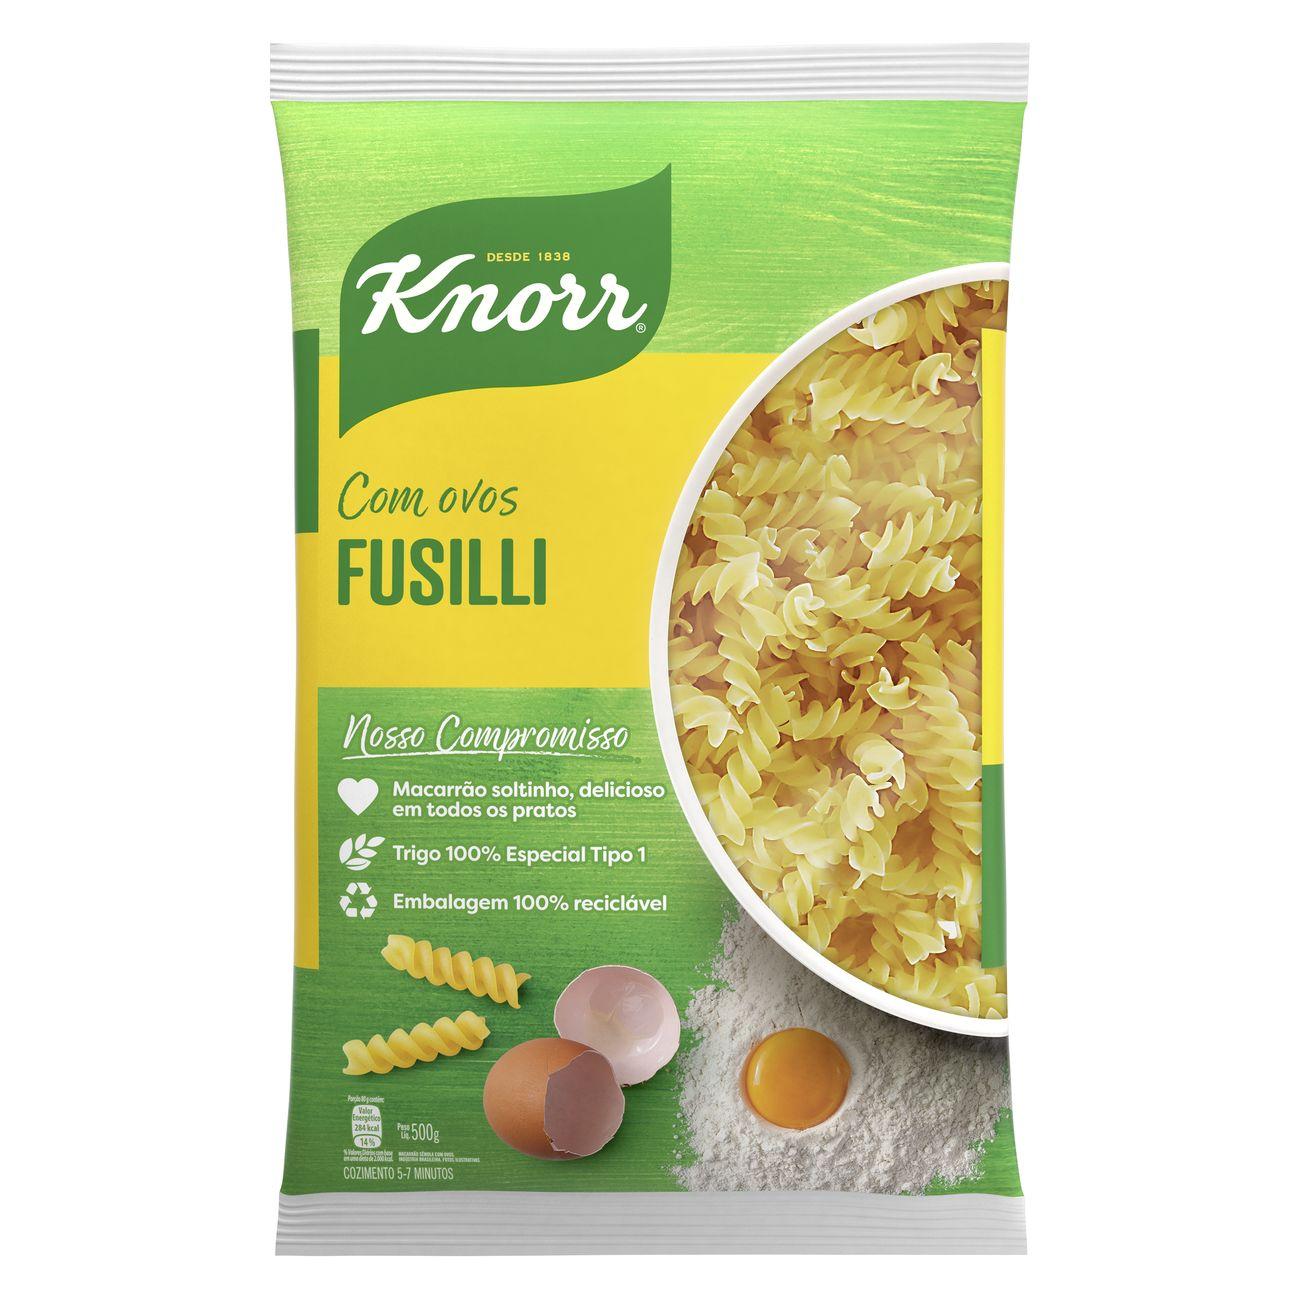 Macarrão Fusilli Knorr Sêmola Com Ovos 500g